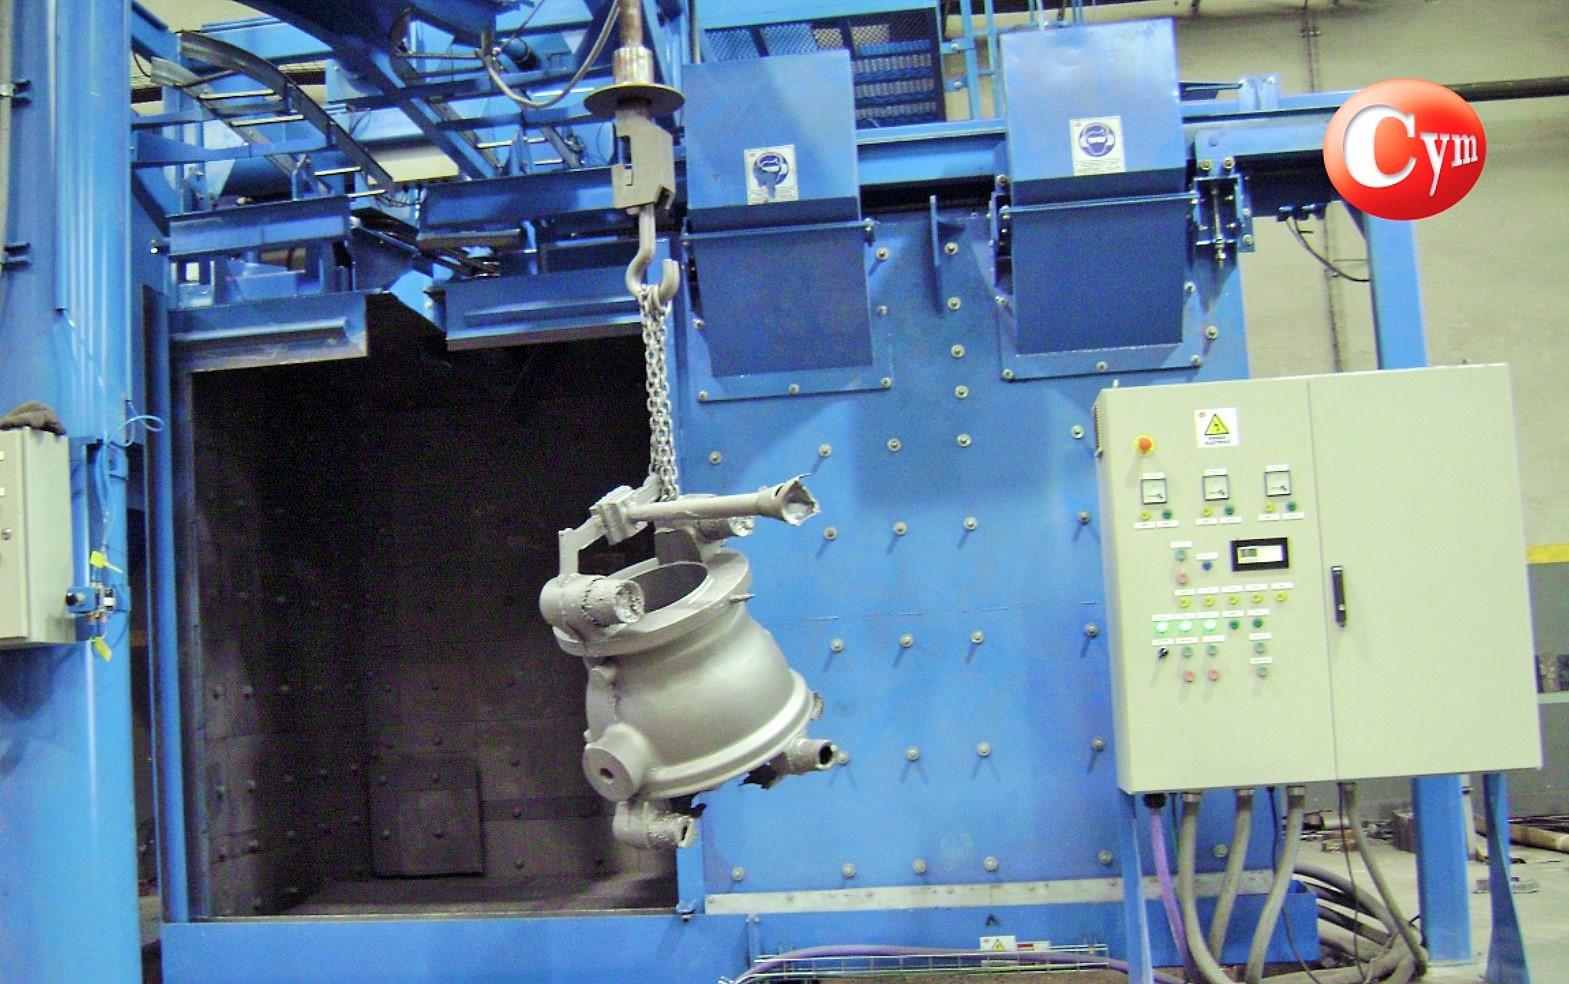 granalladora-de-gancho-cab-18x18-para-fundicion-cymmateriales